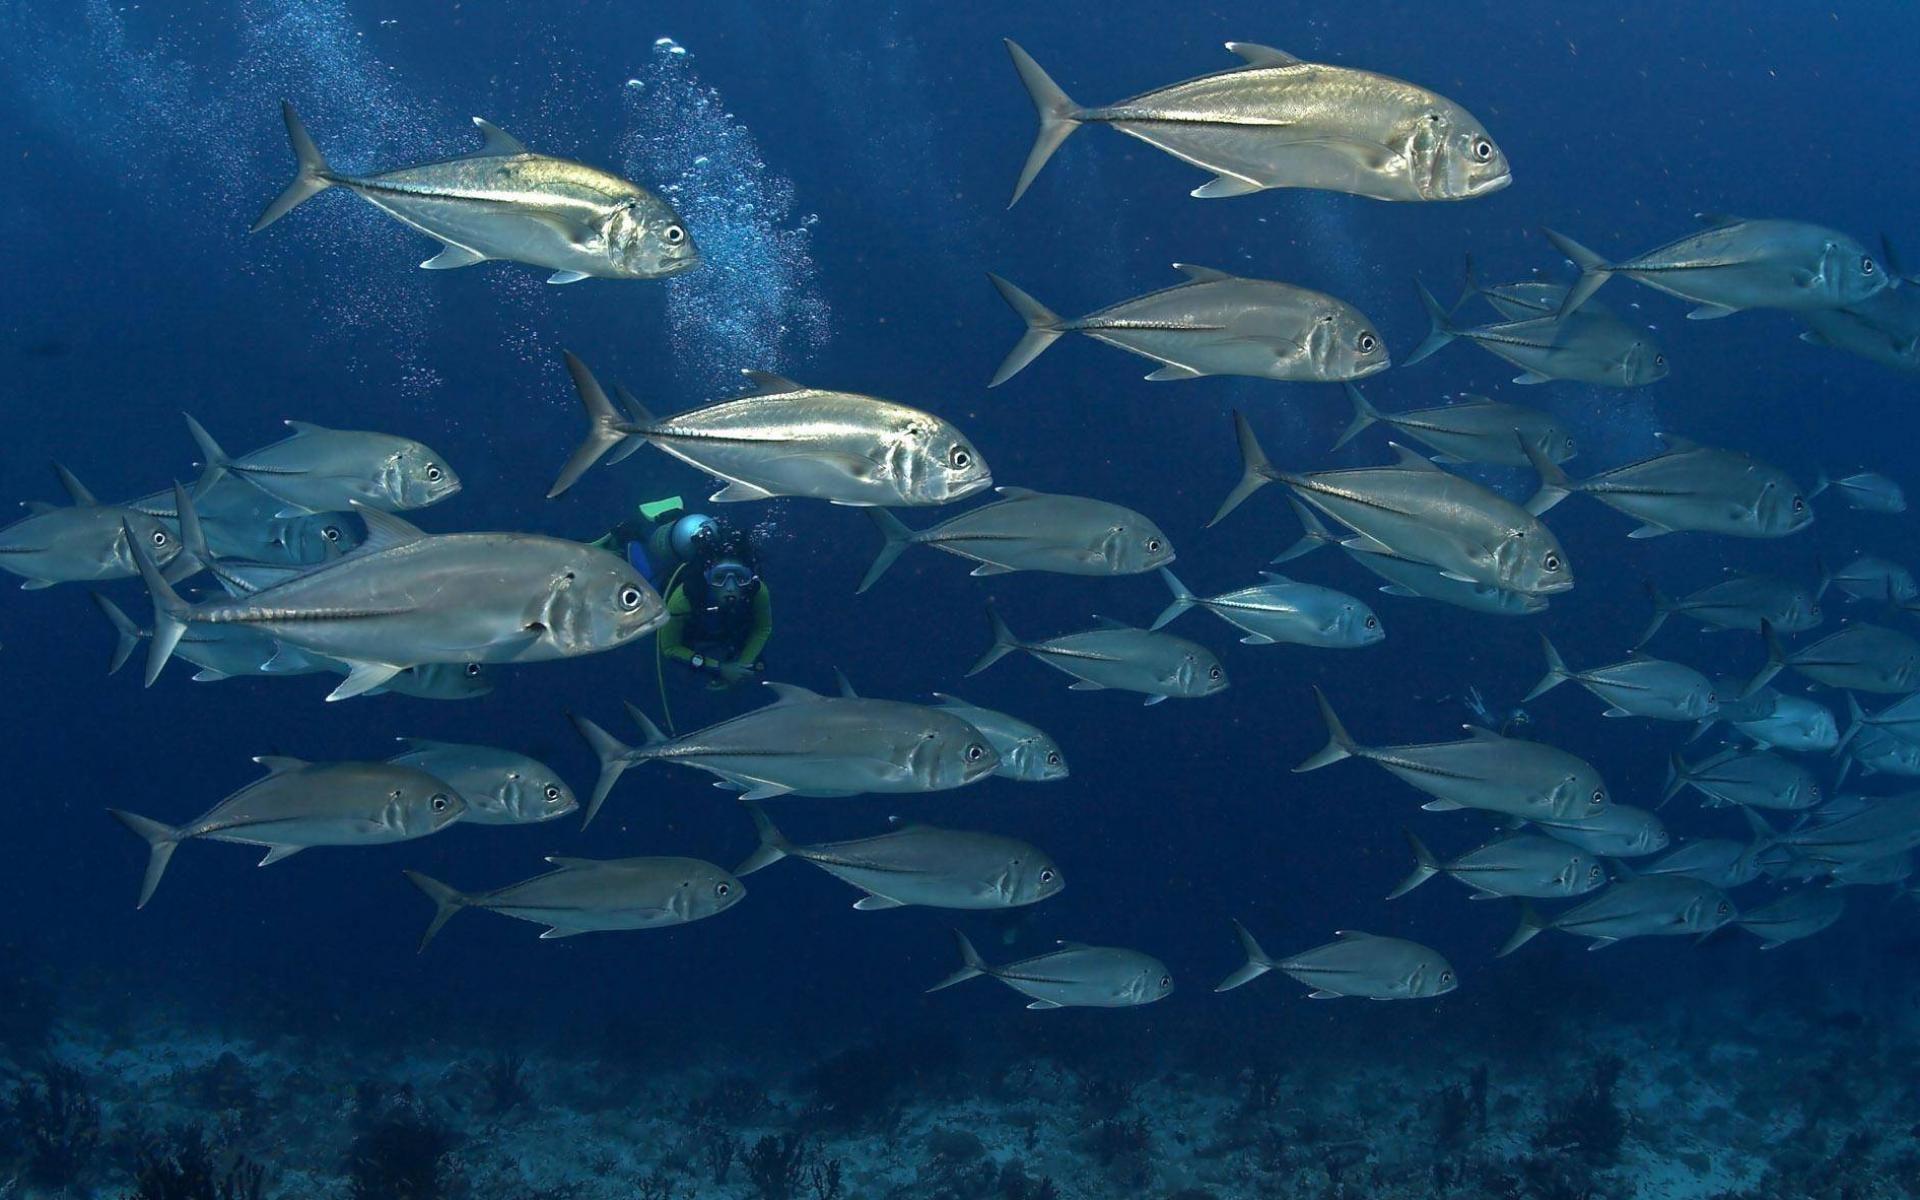 Current Biology: Рыбы различают цвета намного эффективнее людей